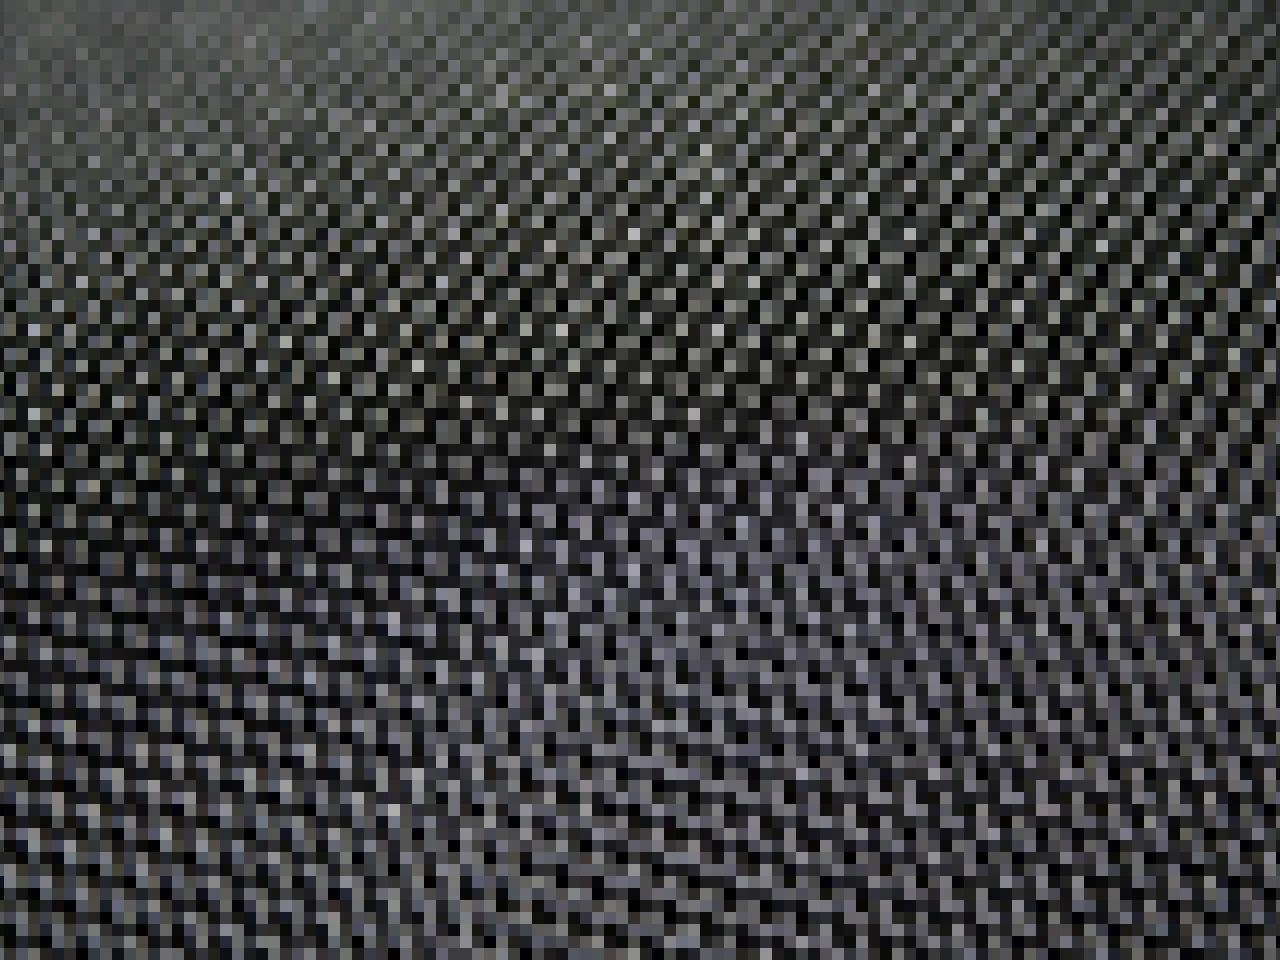 1680D Ballistic Nylon